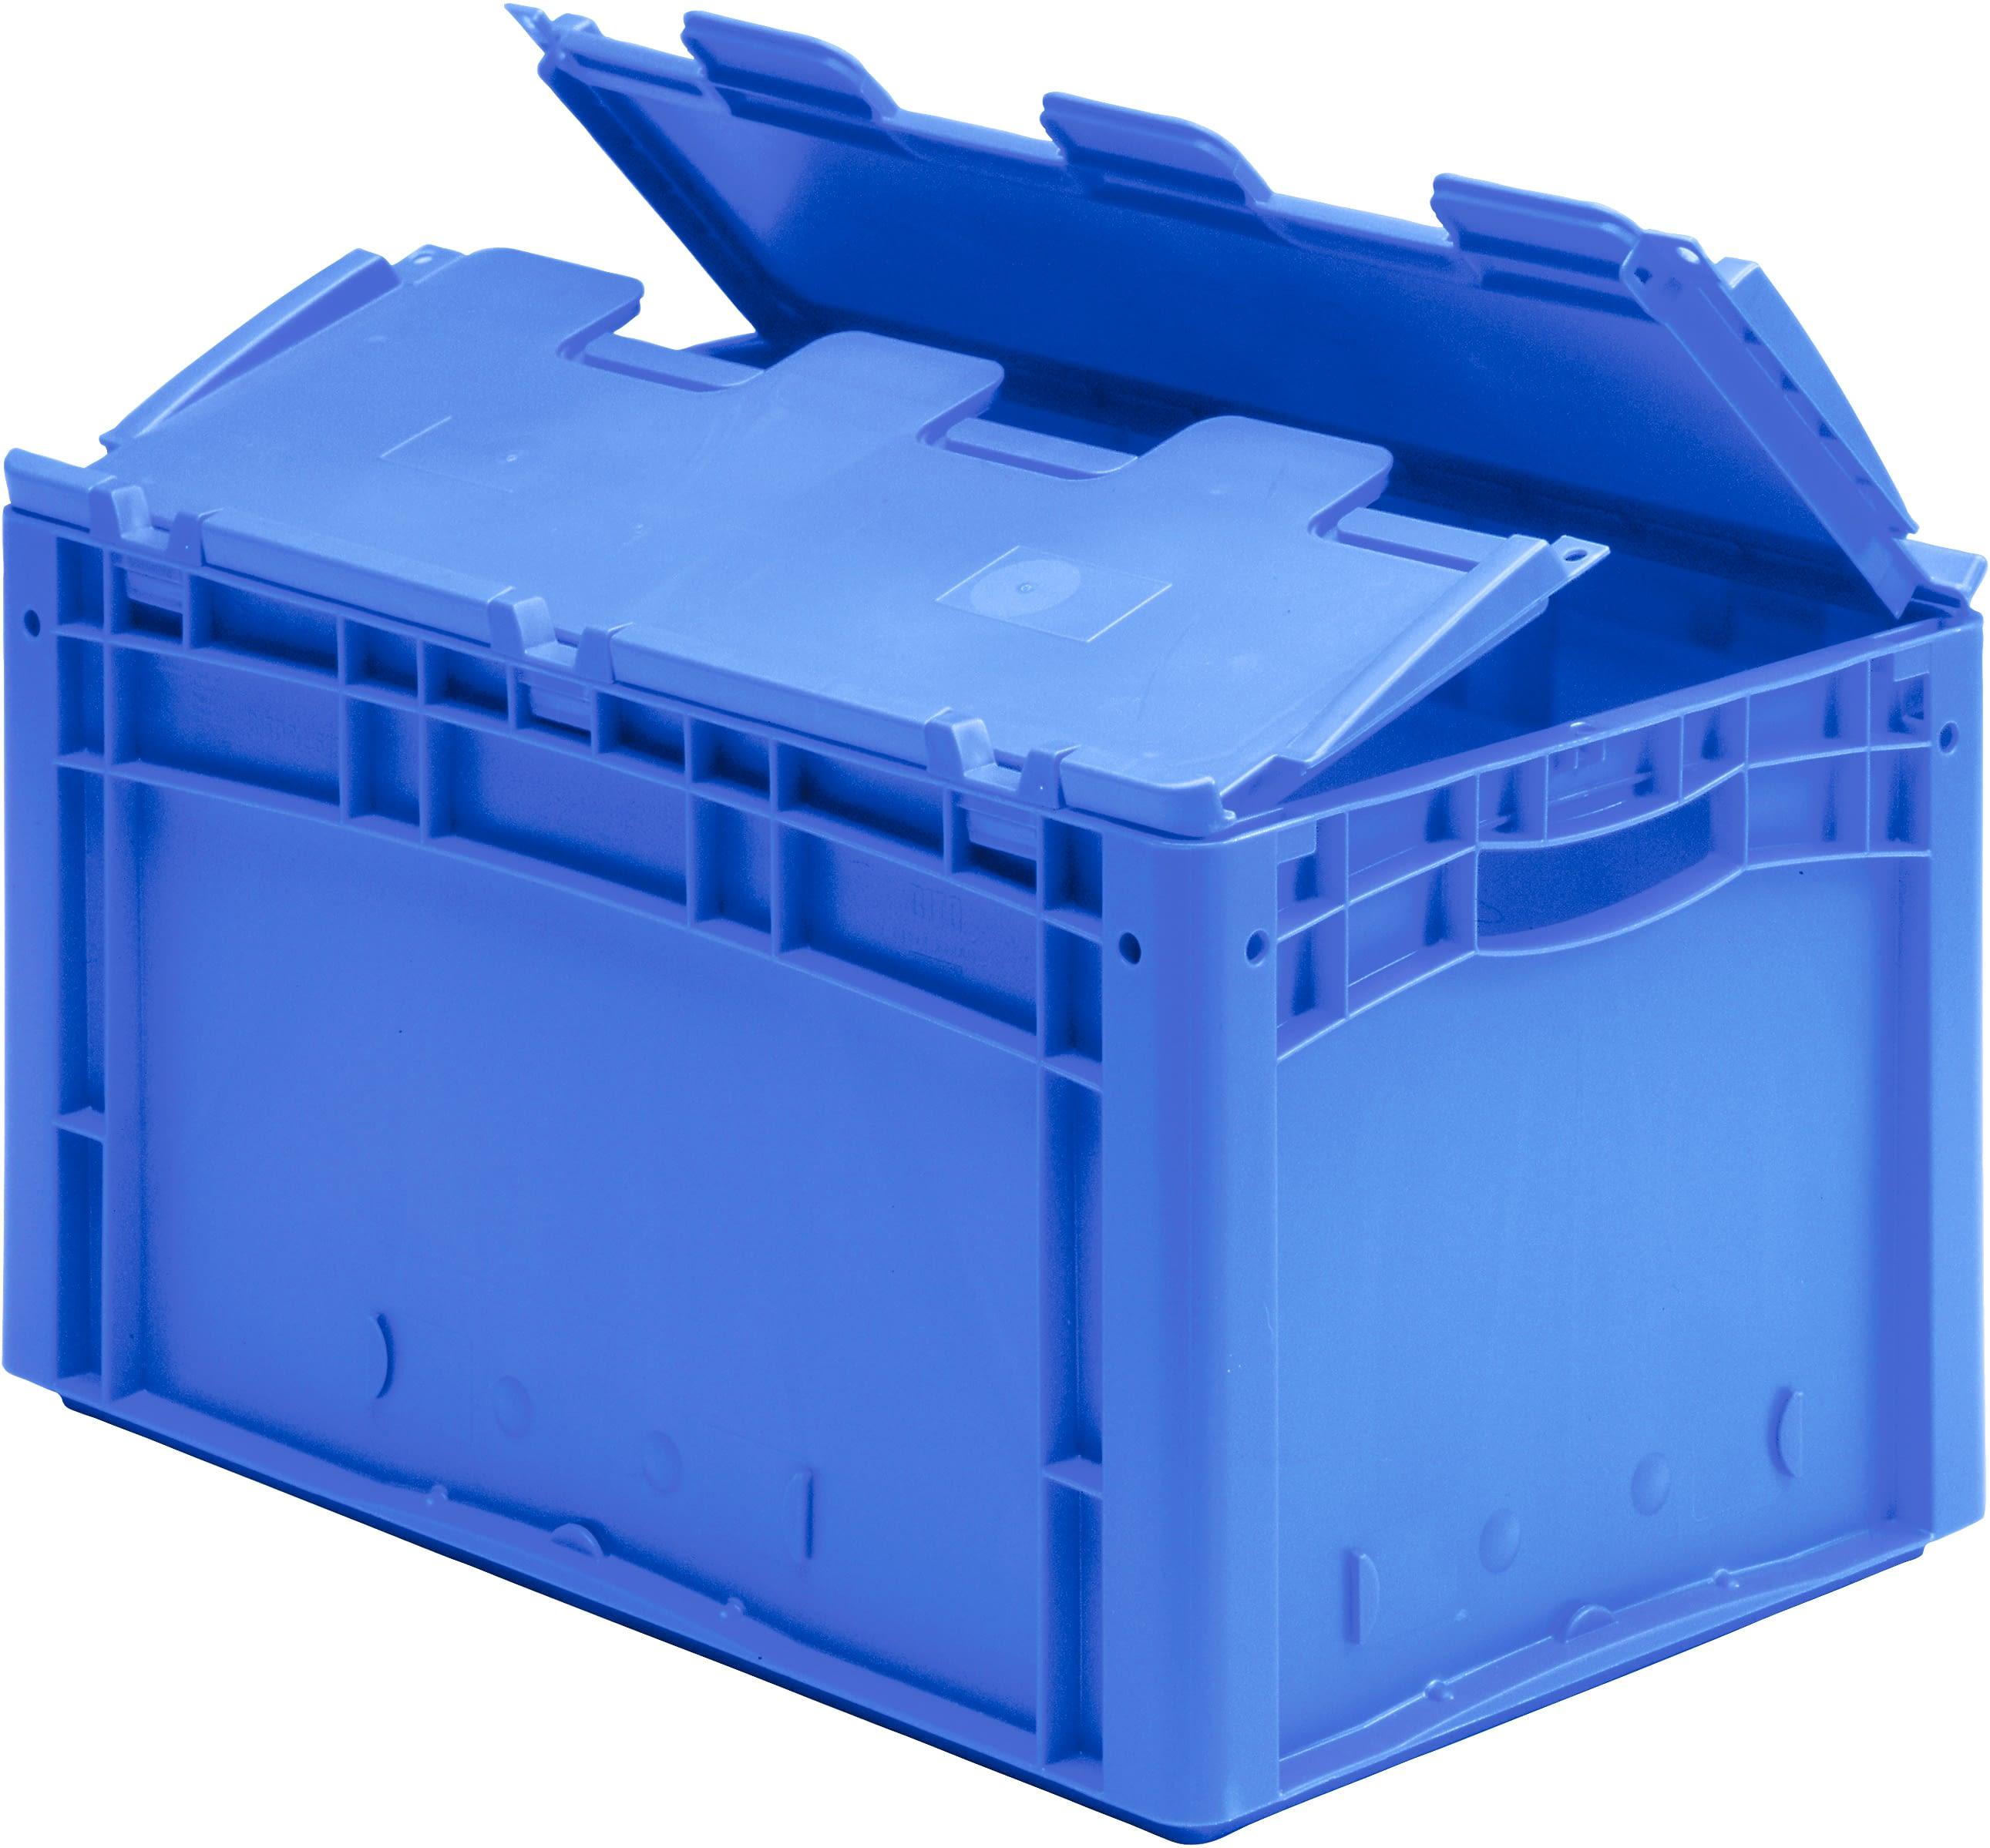 Eurostapelbehälter XL, Wände geschlossen, blau, 18501